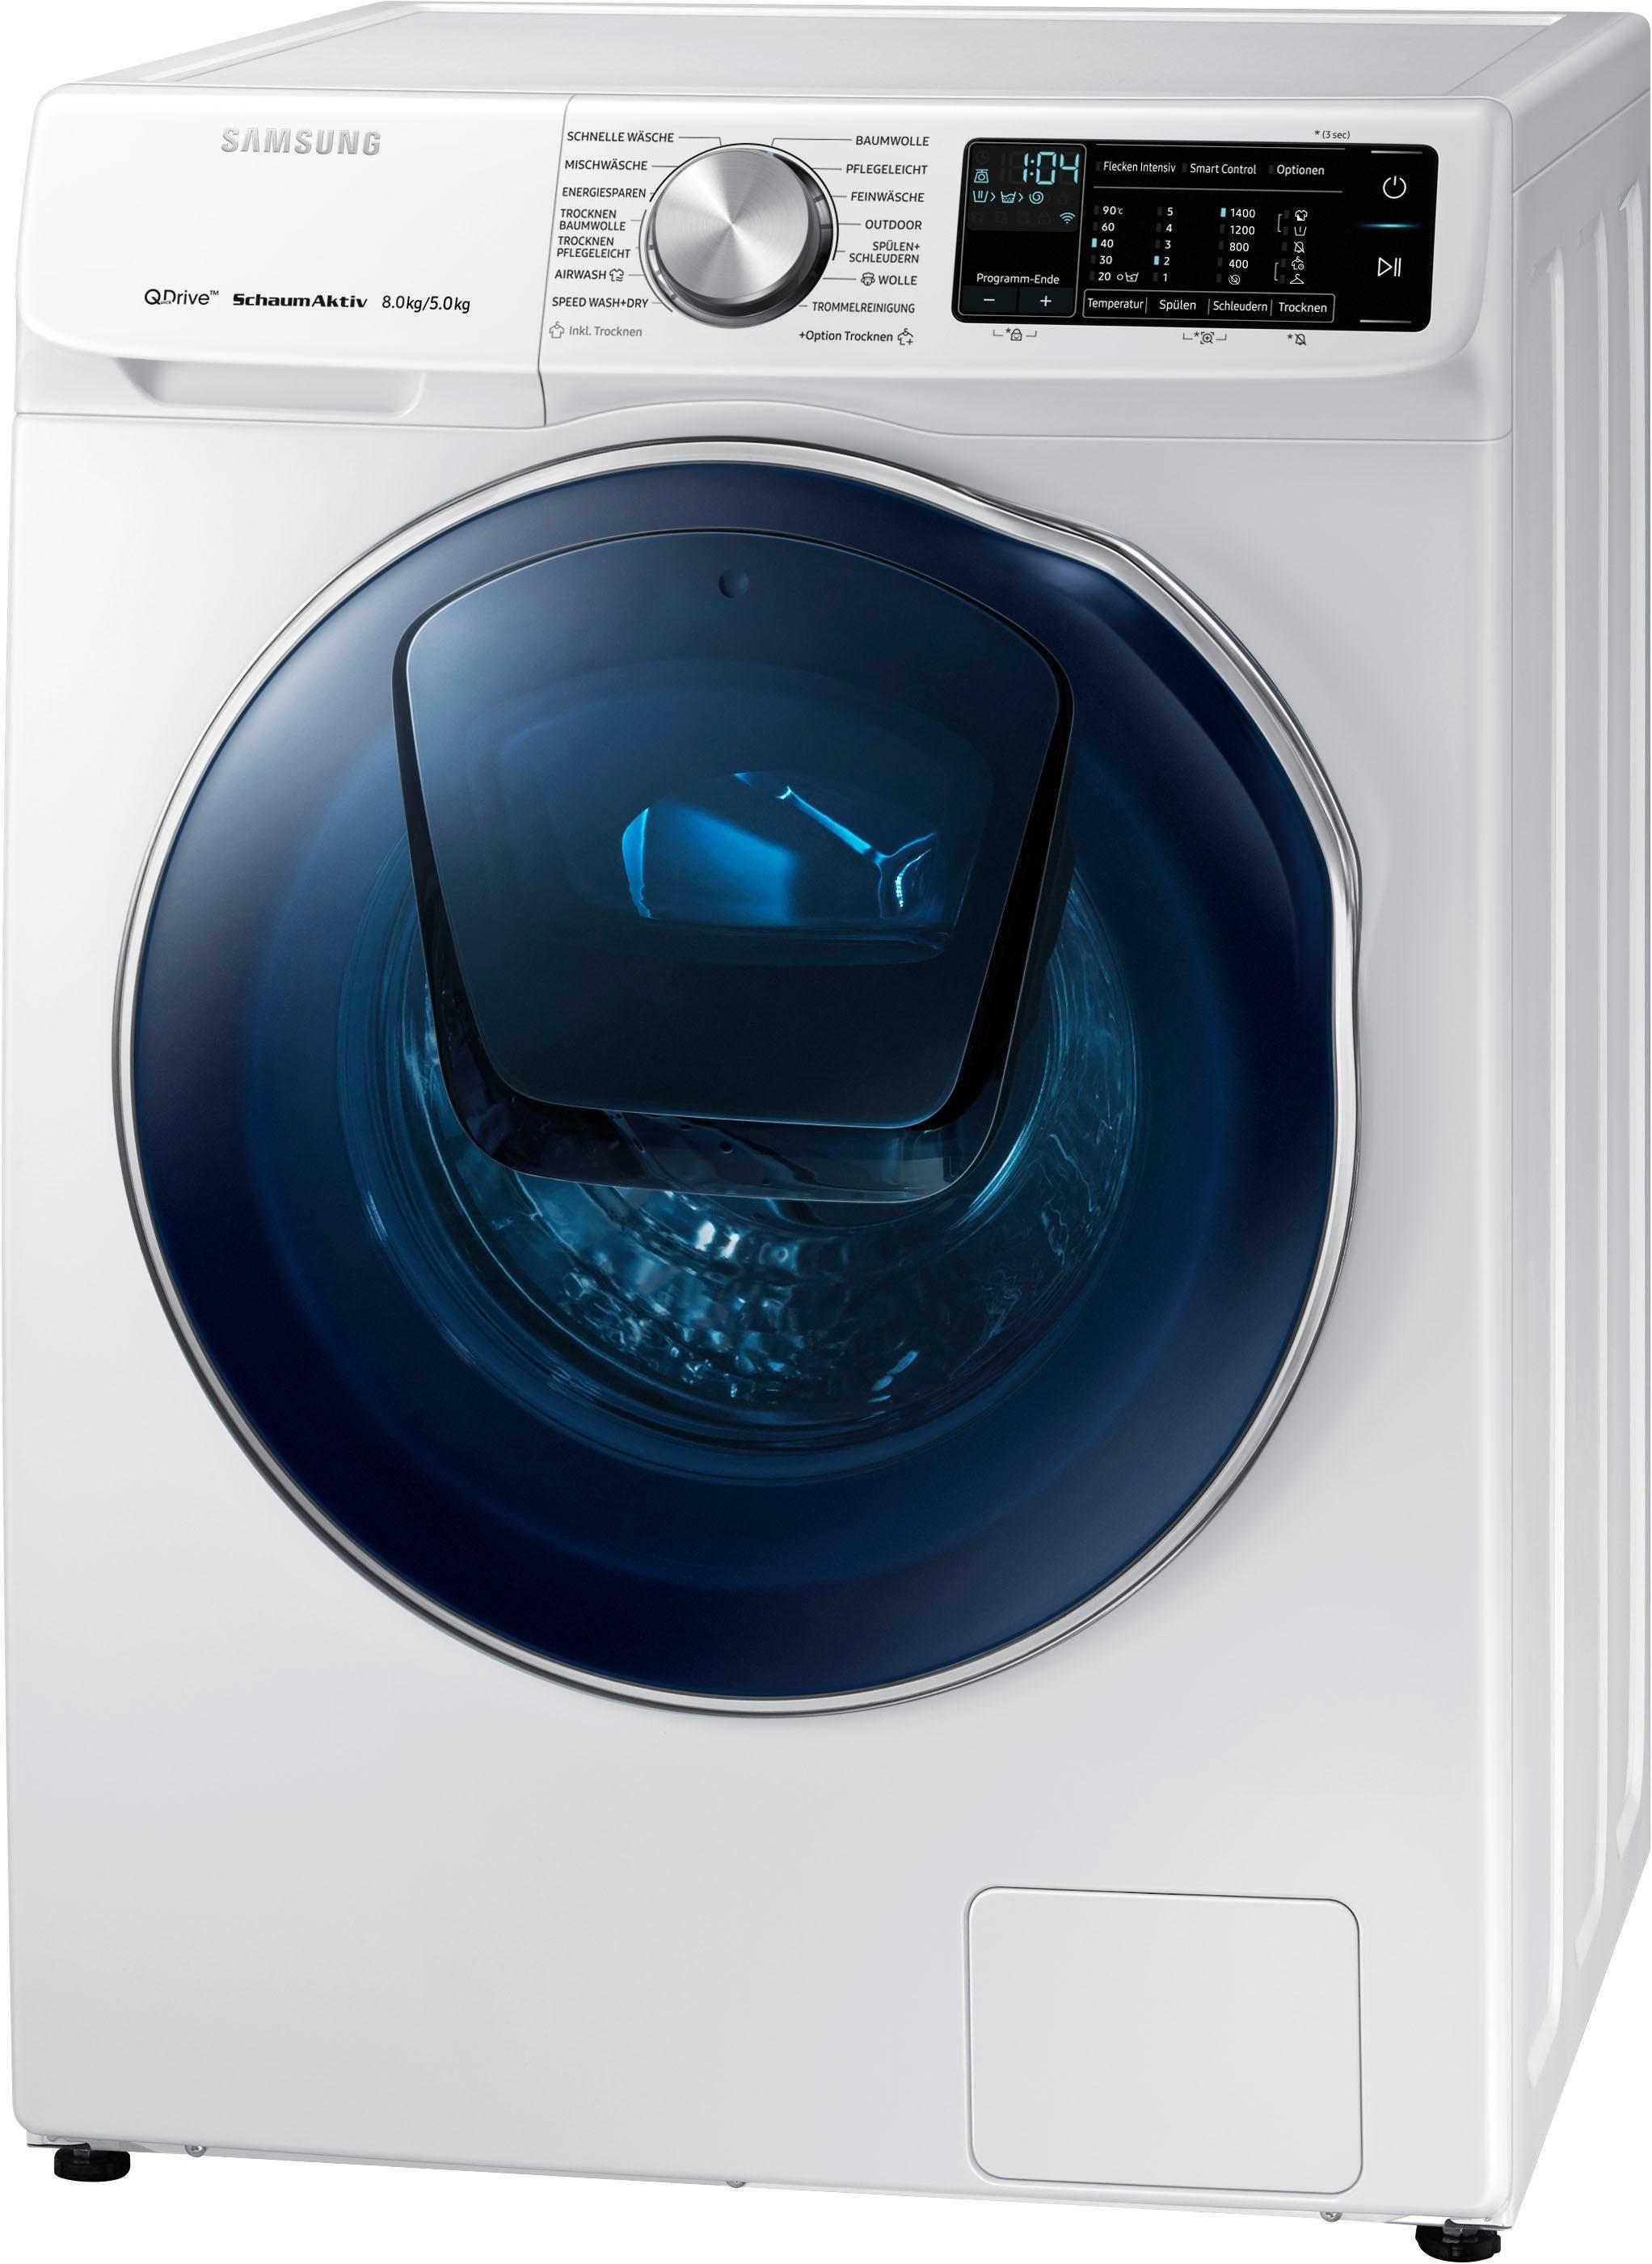 Samsung Waschtrockner WD6800 QuickDrive WD81N642OOW/EG, 8 kg/5 kg, 1400 U/Min, AddWash